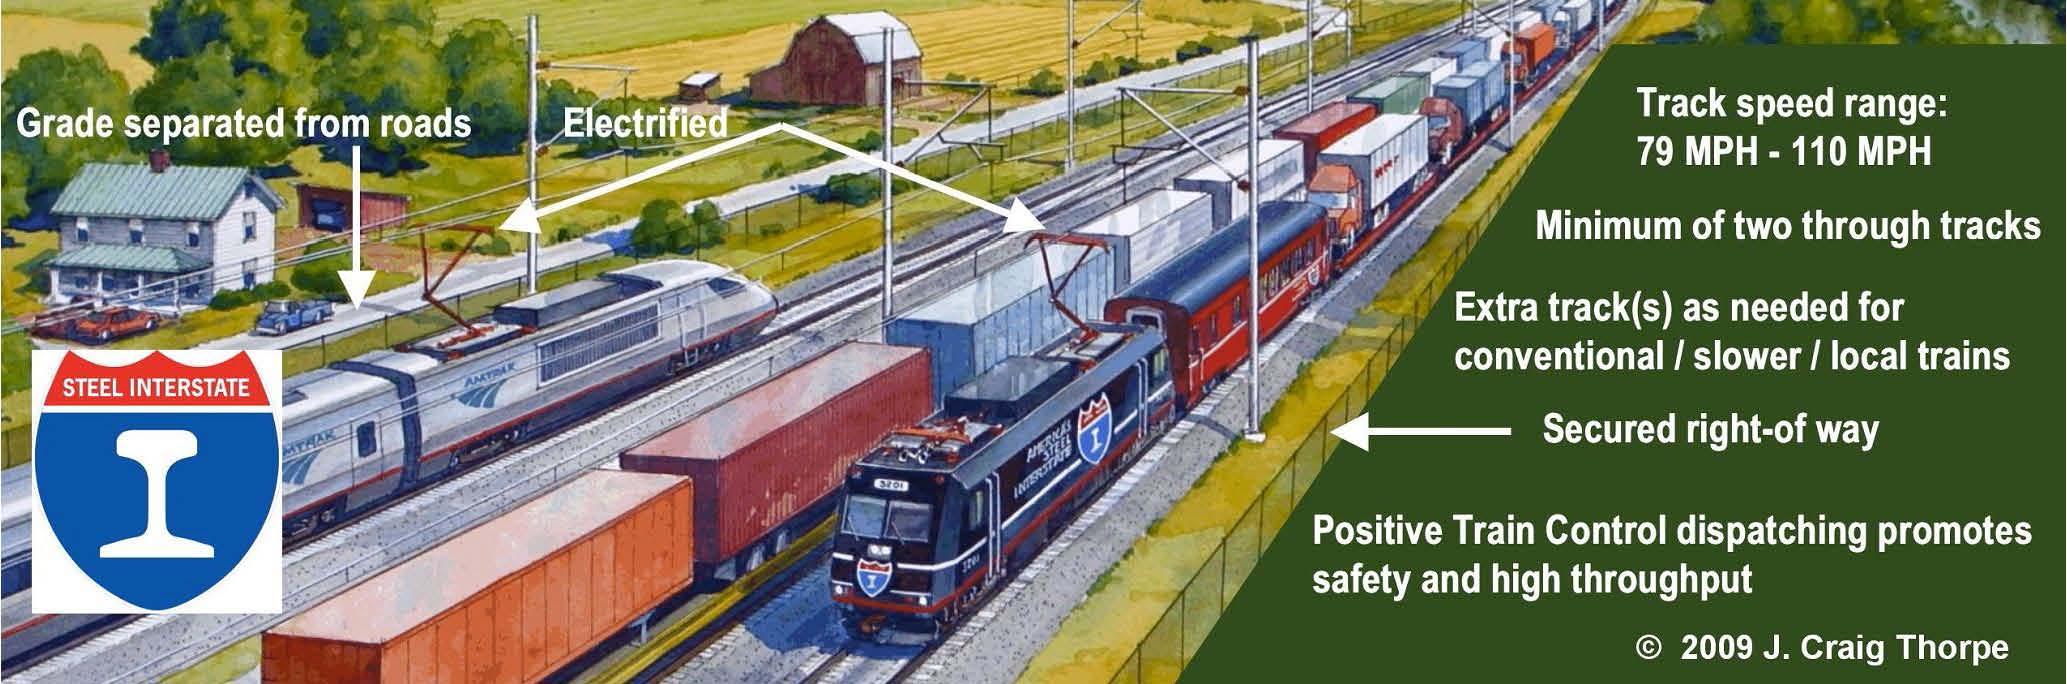 Steel Interstate Concept